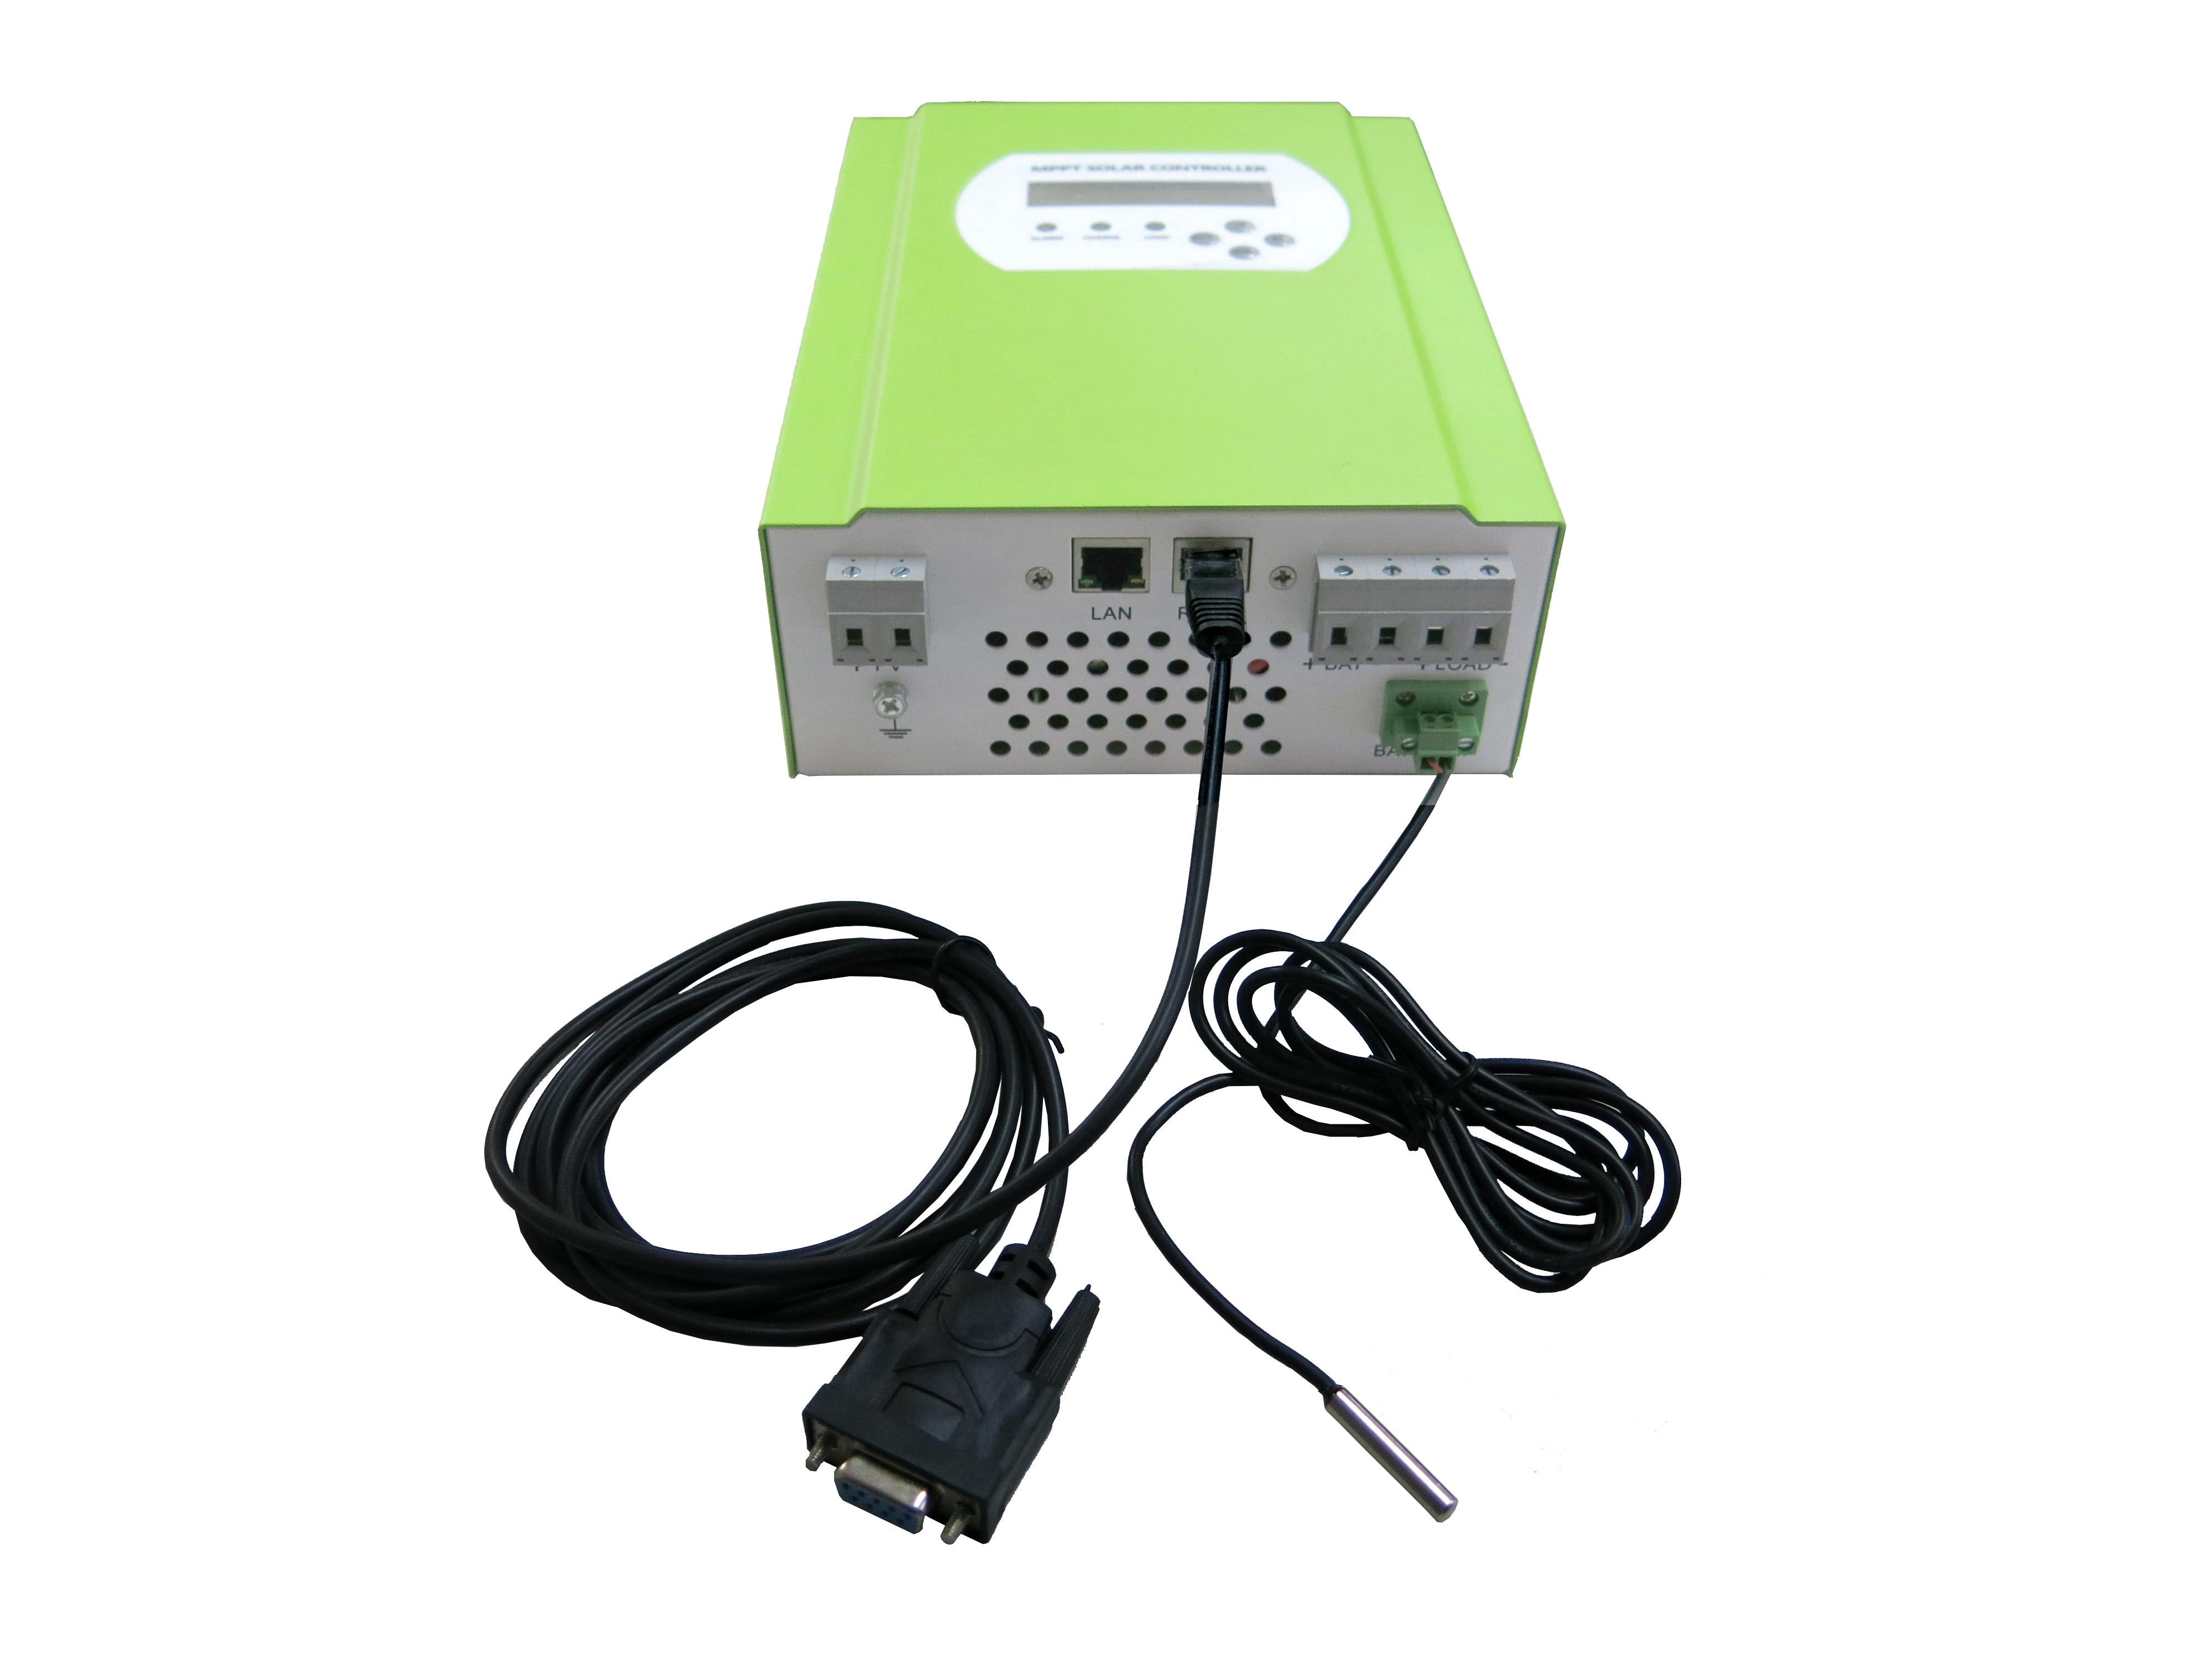 12v 24v 48v System 20a Intelligent Solar Controller For